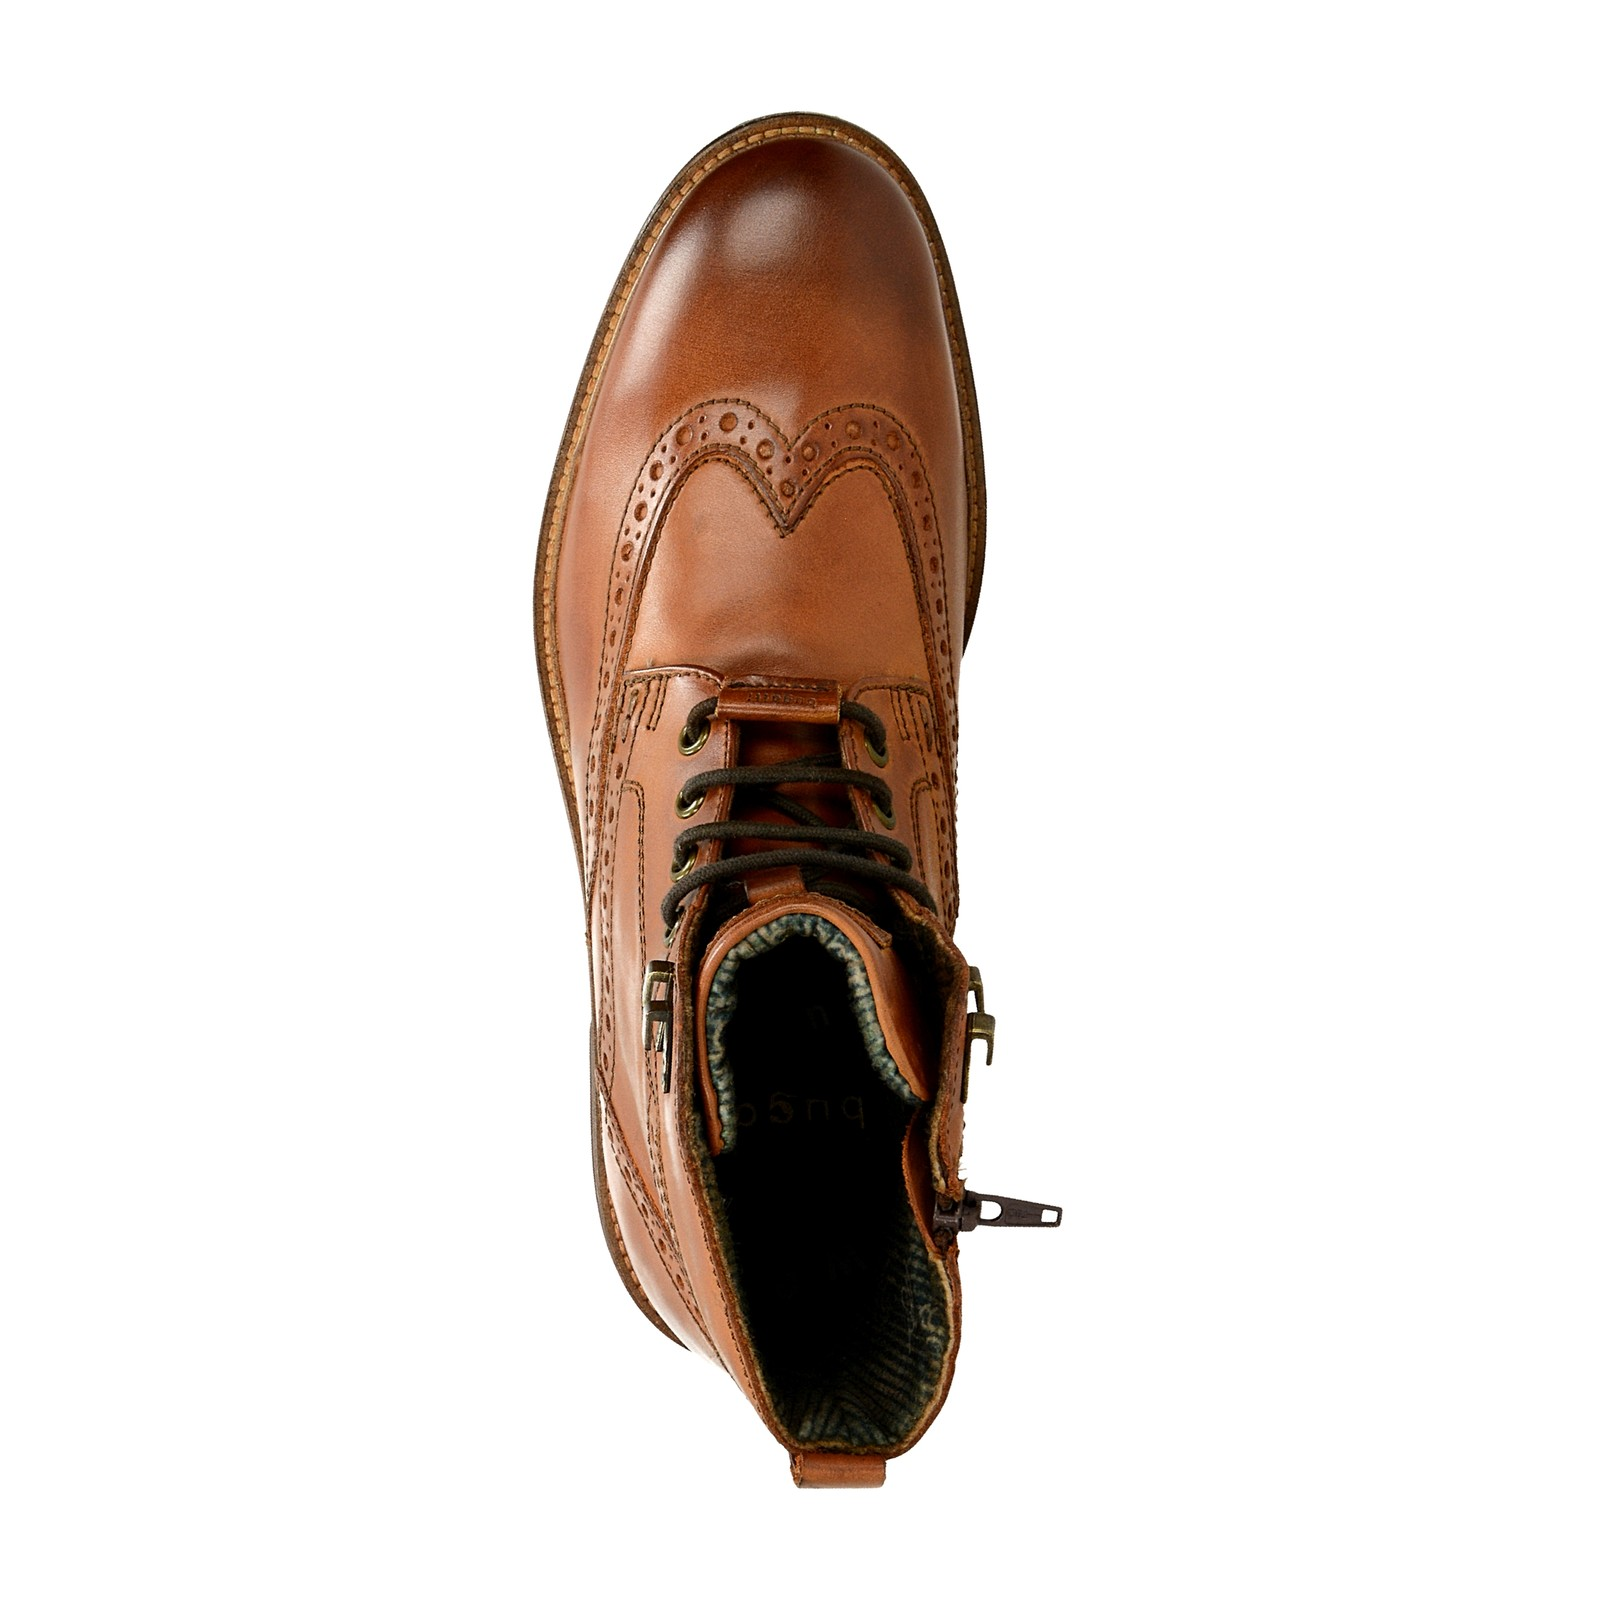 Bugatti pánska kožená členková obuv na zips - koňaková ... 3b3ed9b4fea